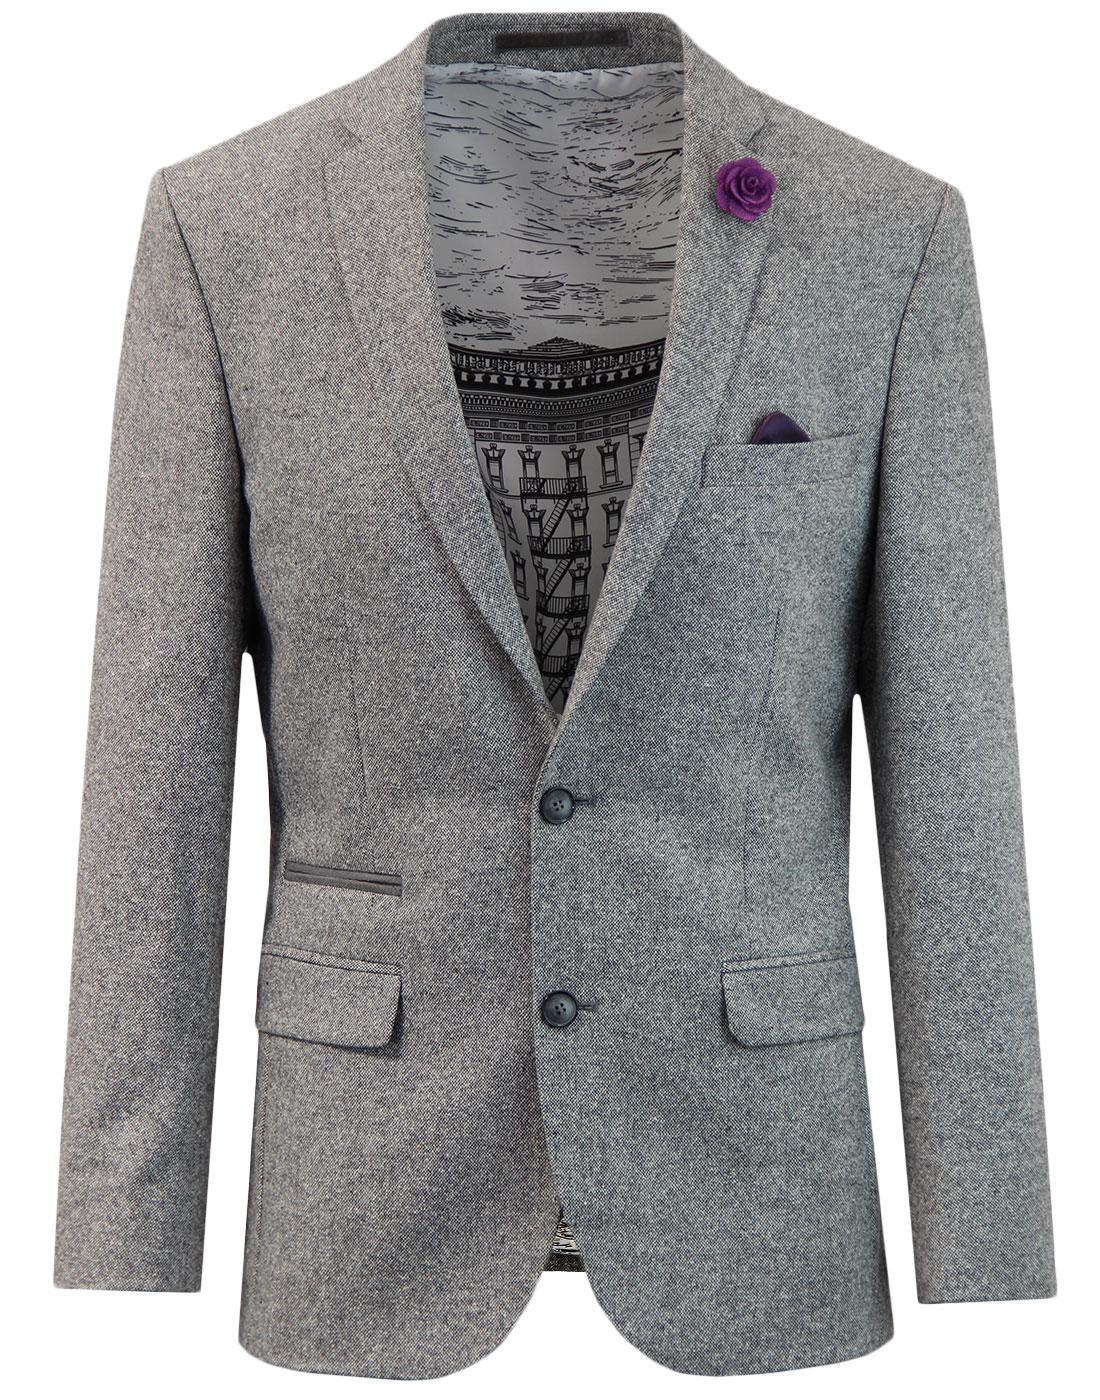 60s Mod Donegal Fleck 2 Button Suit Jacket SILVER